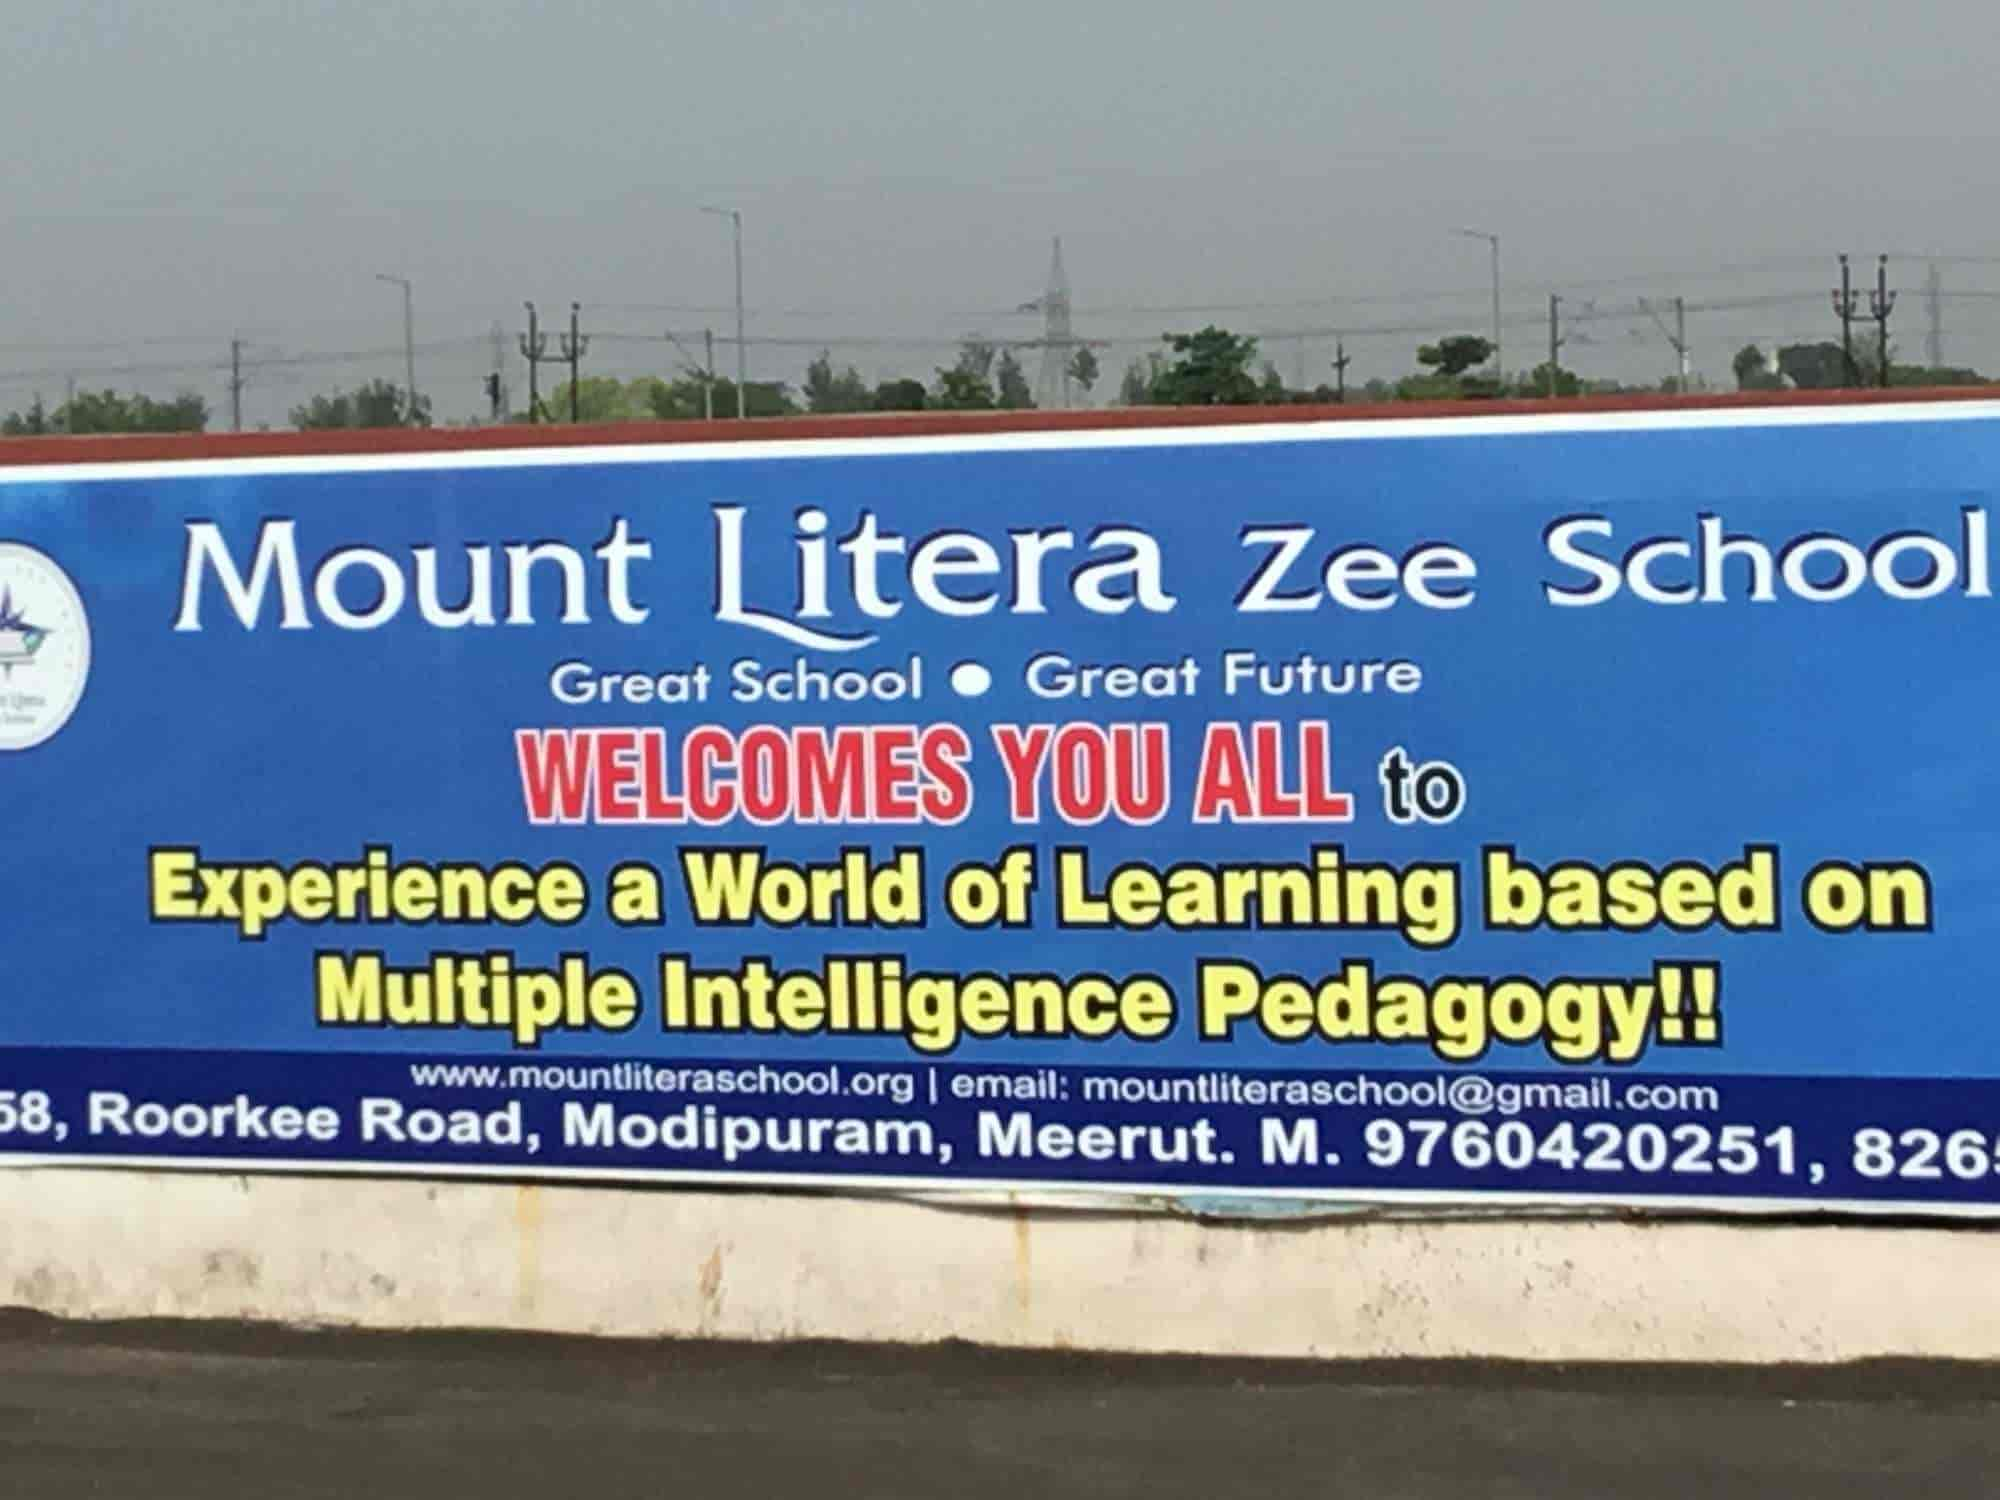 Mount Litera Zee School Modipuram Schools In Meerut Justdial